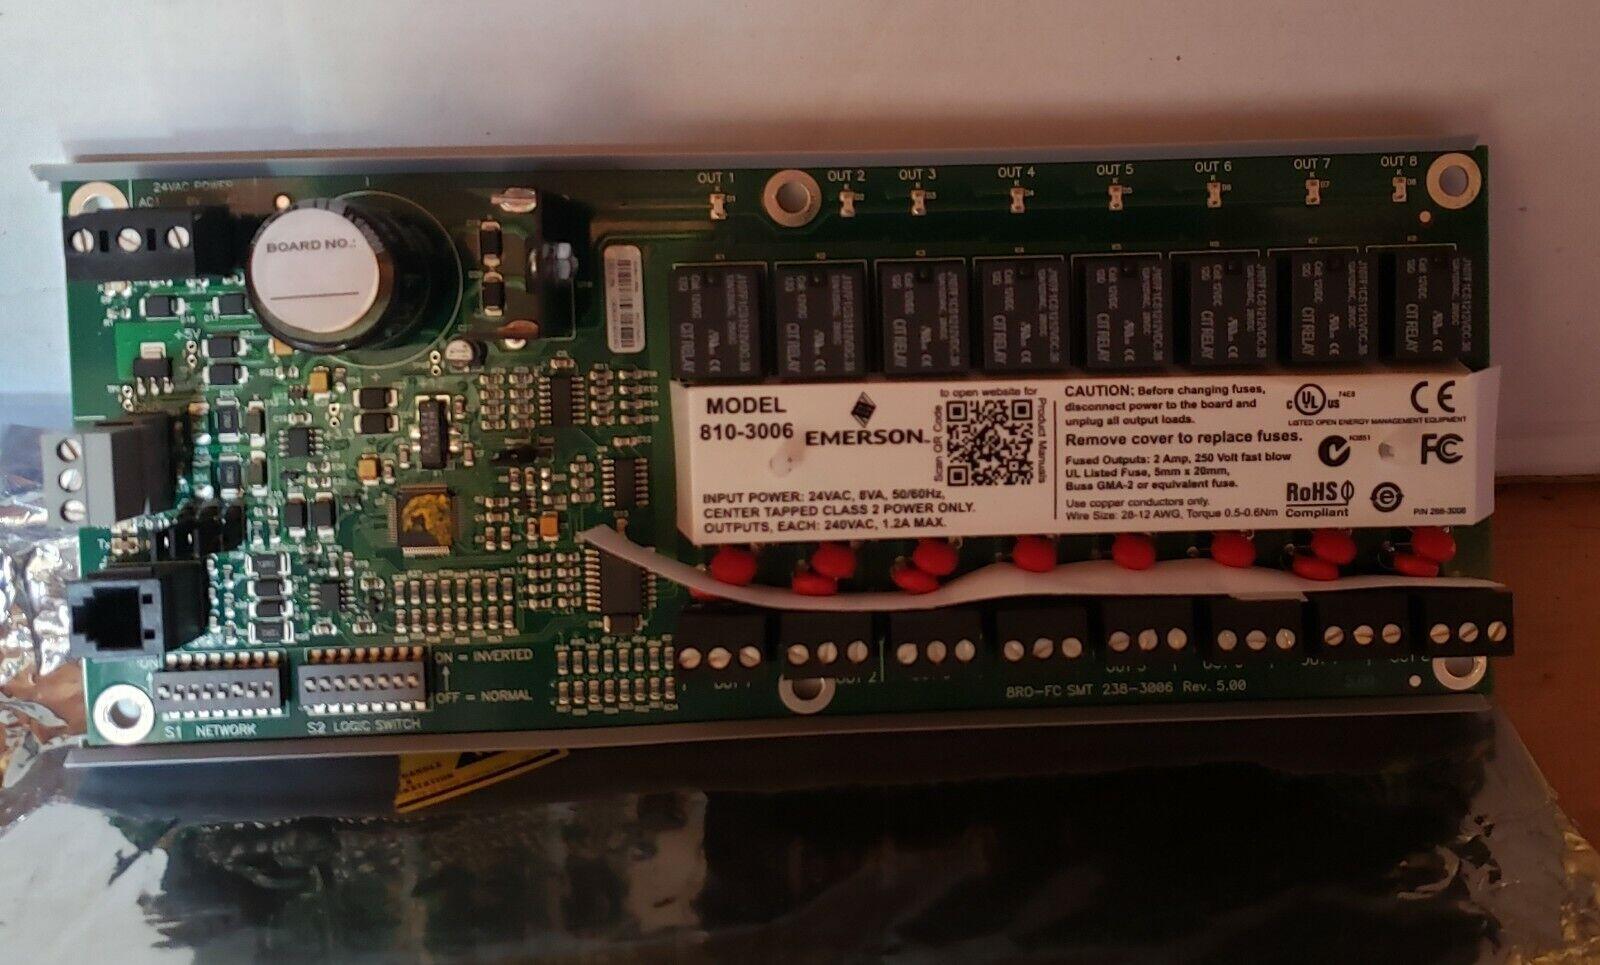 Emerson Analog Input Board Climate Tec CPC Control Board 810-3013 Multi-Flex 16